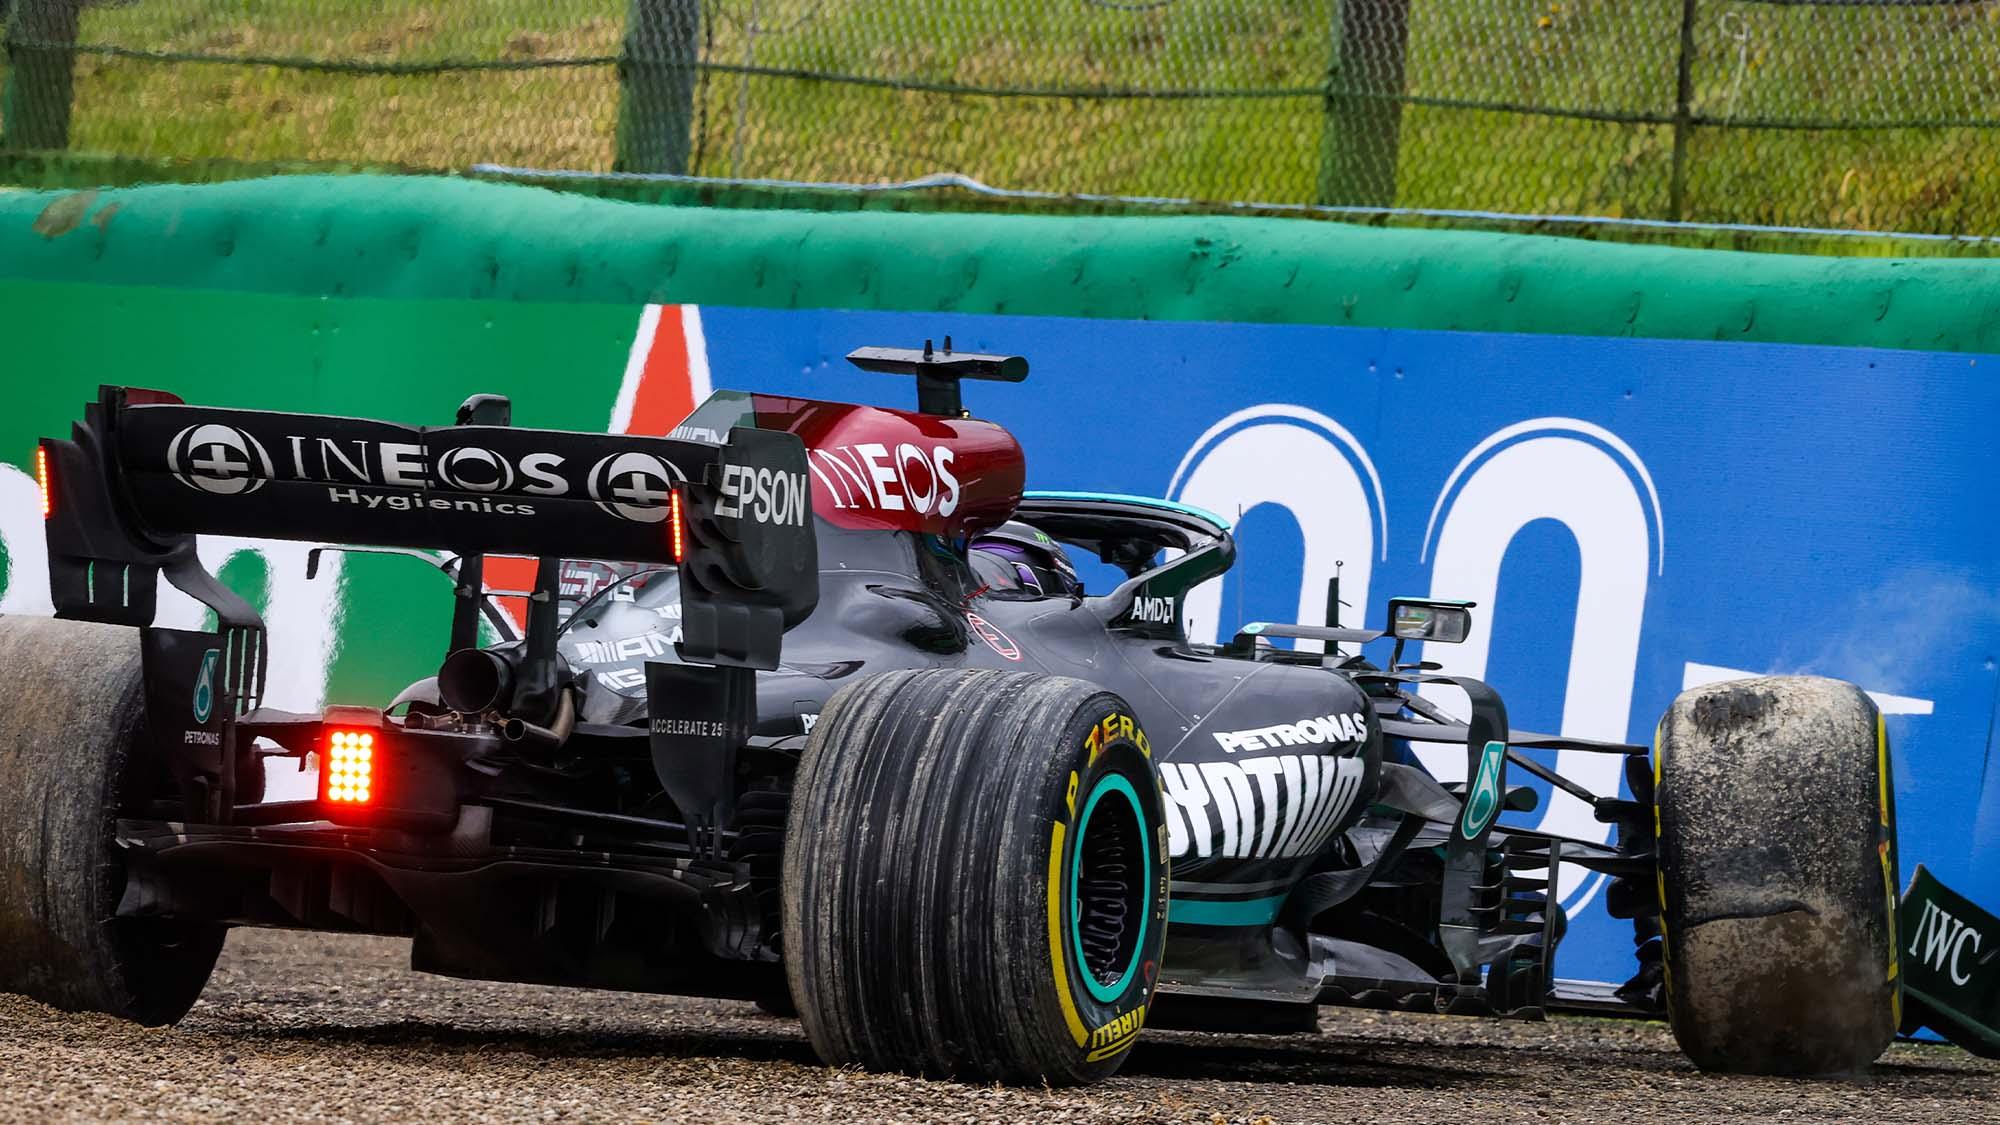 Lewis Hamilton crashes at the 2021 Emilia Romagna Grand Prix